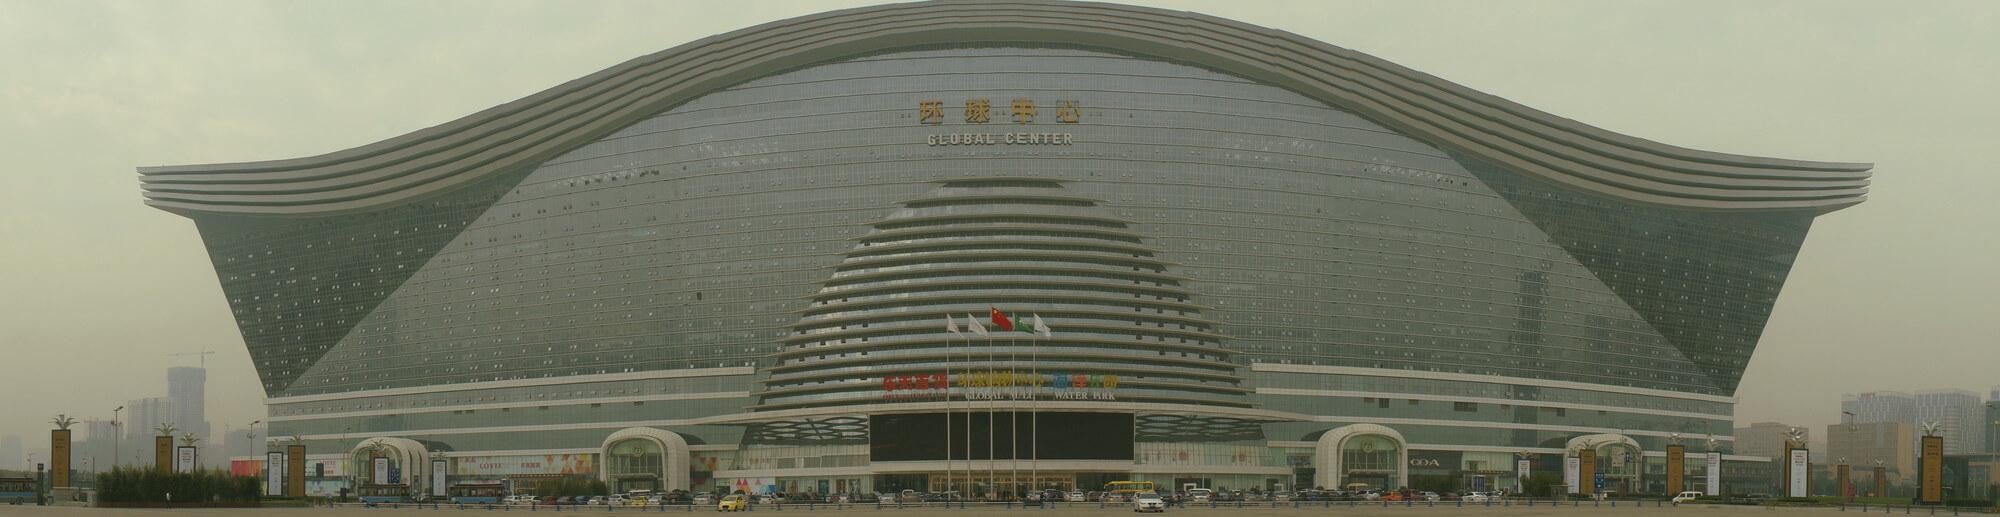 New Century Global Center - pod tą megalomańską nazwą kryje się centrum handlowe będące największym budynkiem na świecie. W środku - poza sztuczną plażą i hotelem - mnóstwo luksusowych sklepów i delikatesy pełne produktów z importu.